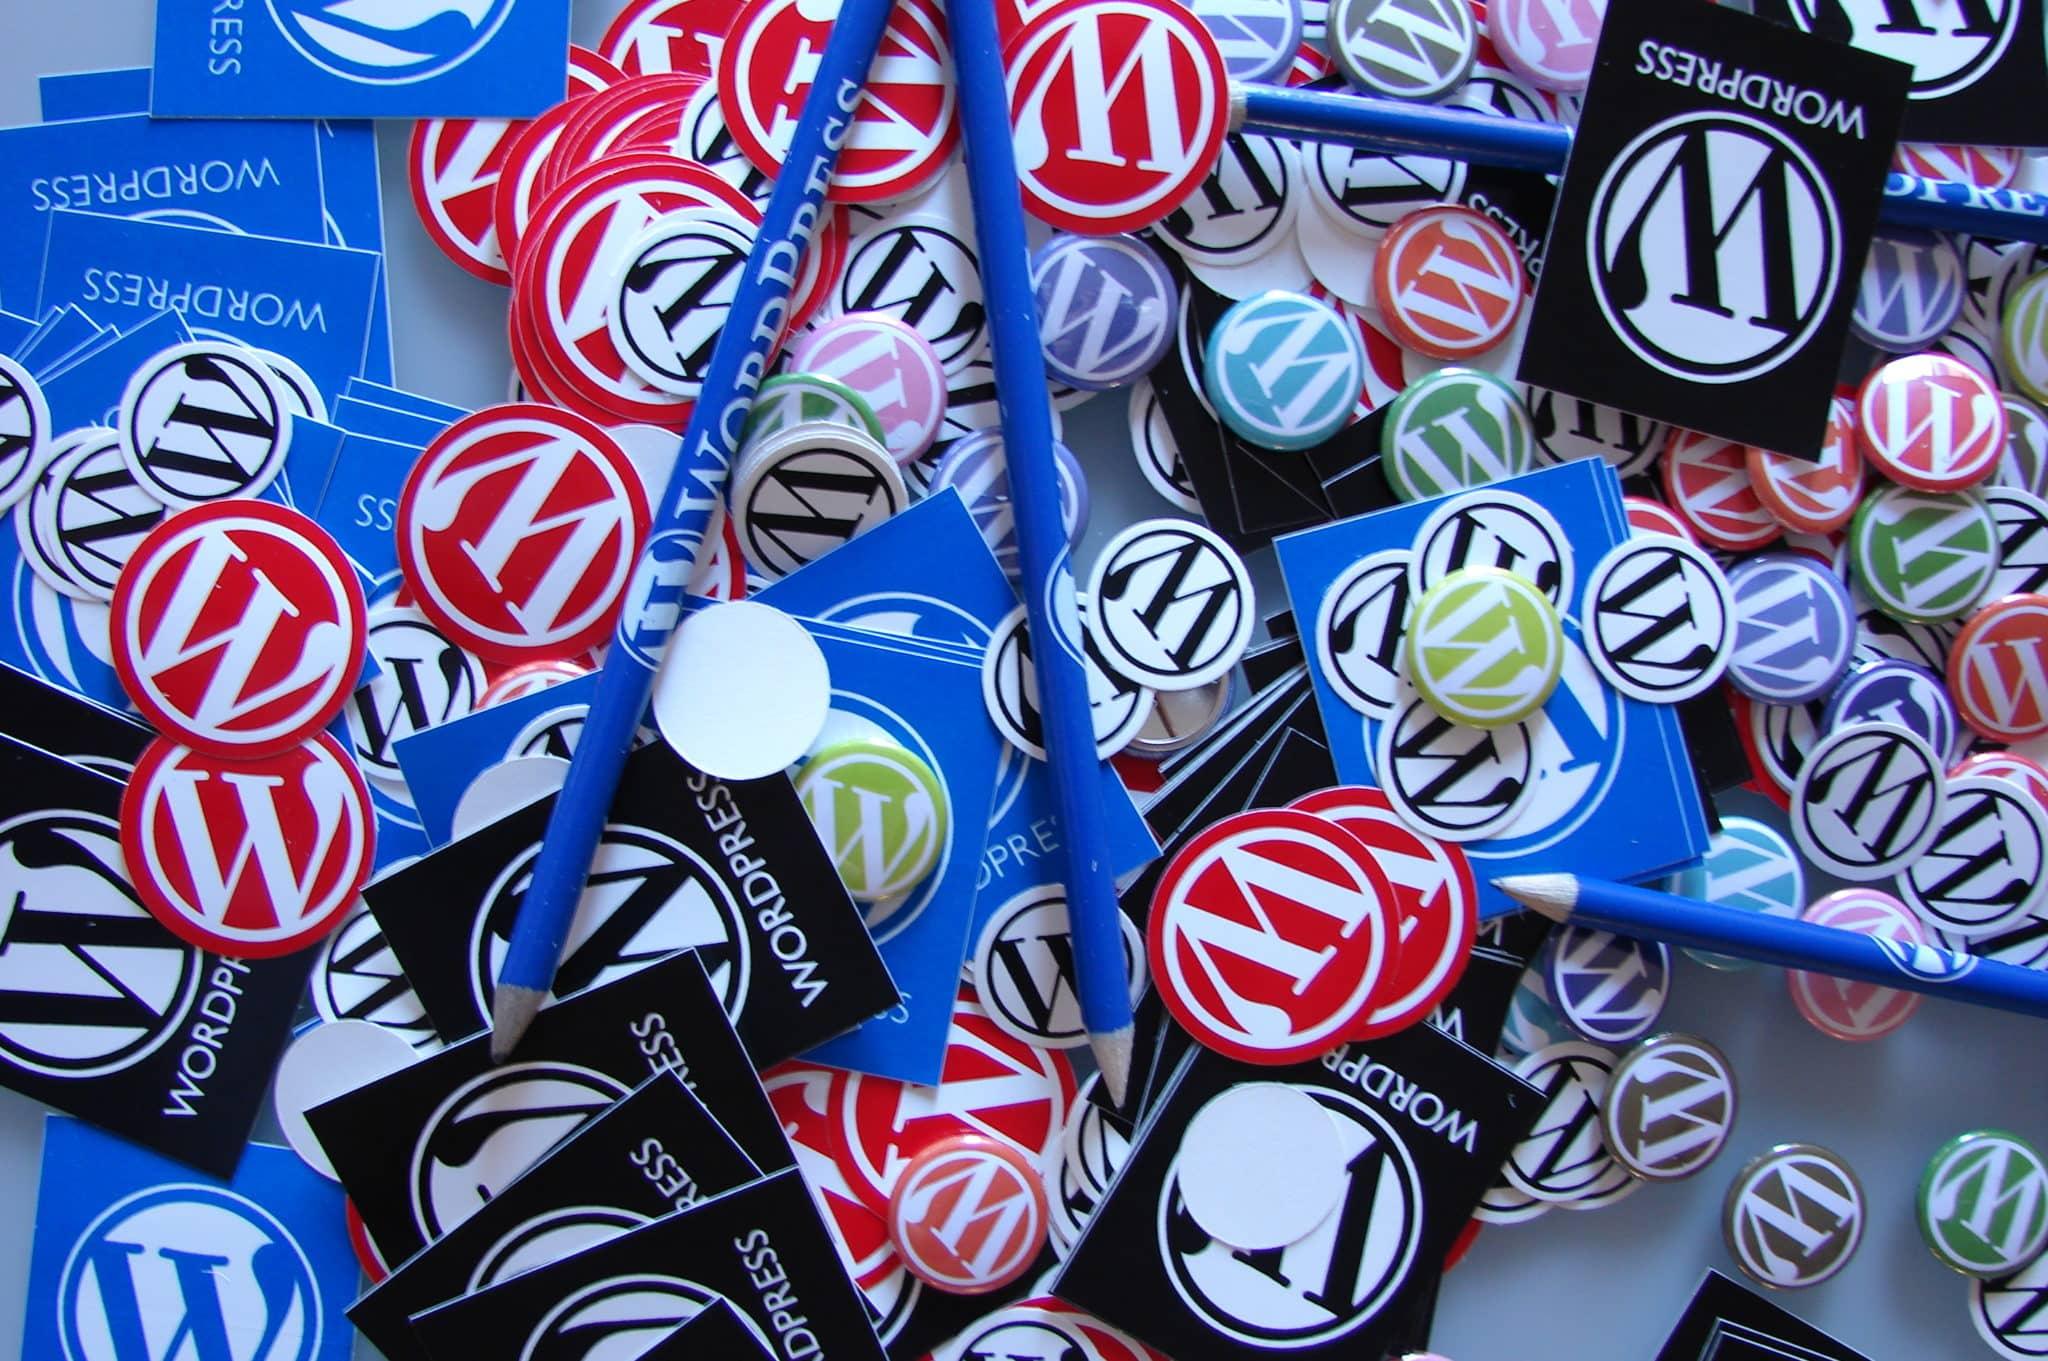 Topbillede med WordPress badges